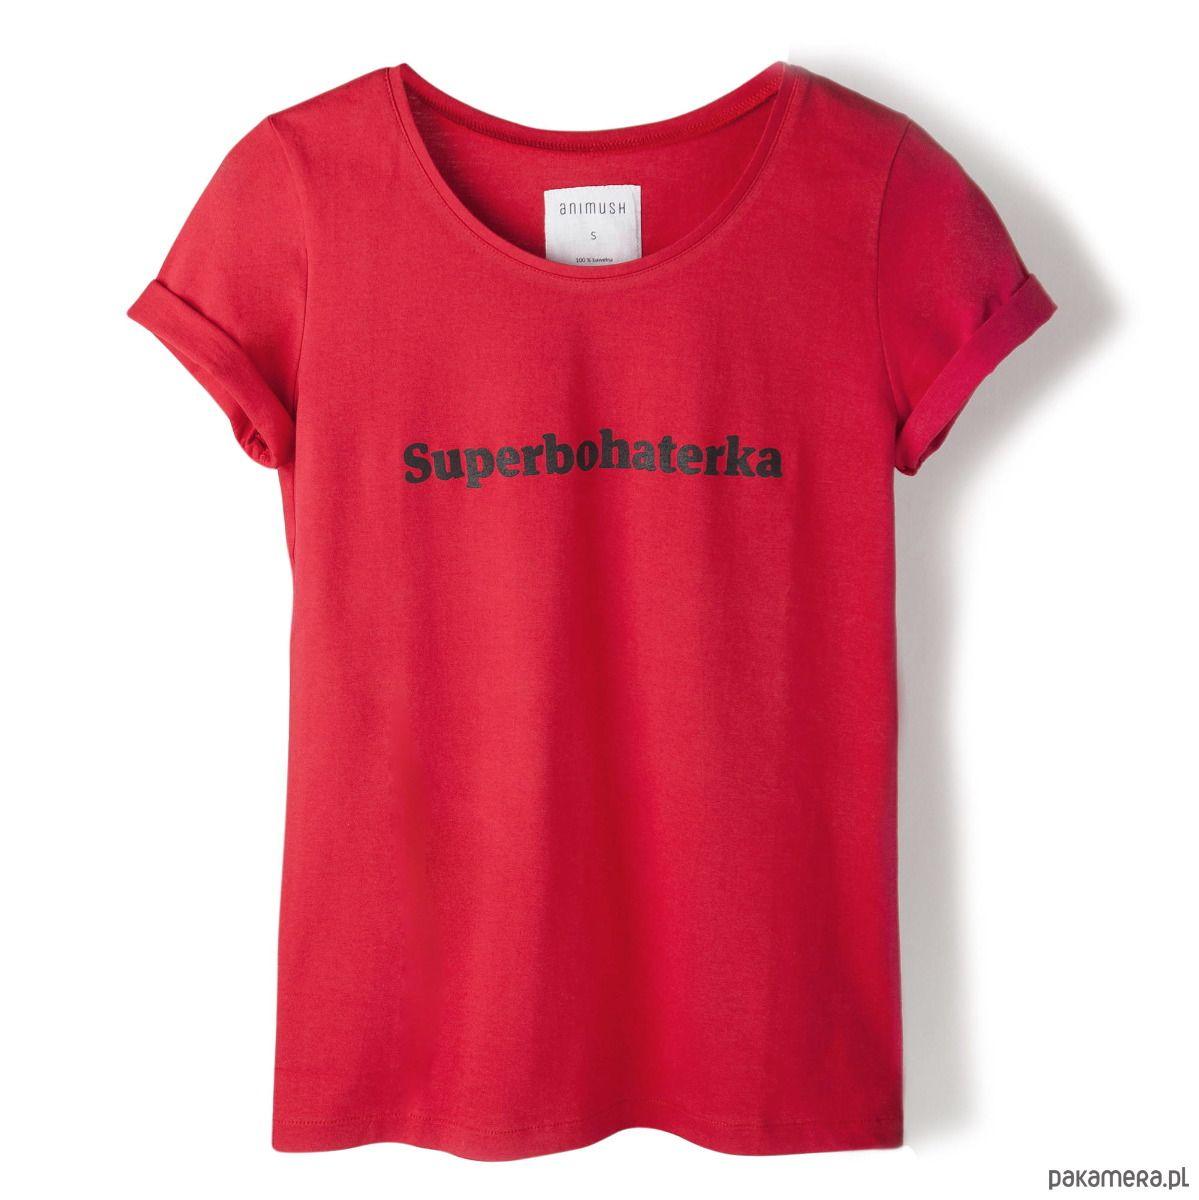 T Shirt Damski Adidas Bialy Koszulki Pilkarskie Z Wlasnym